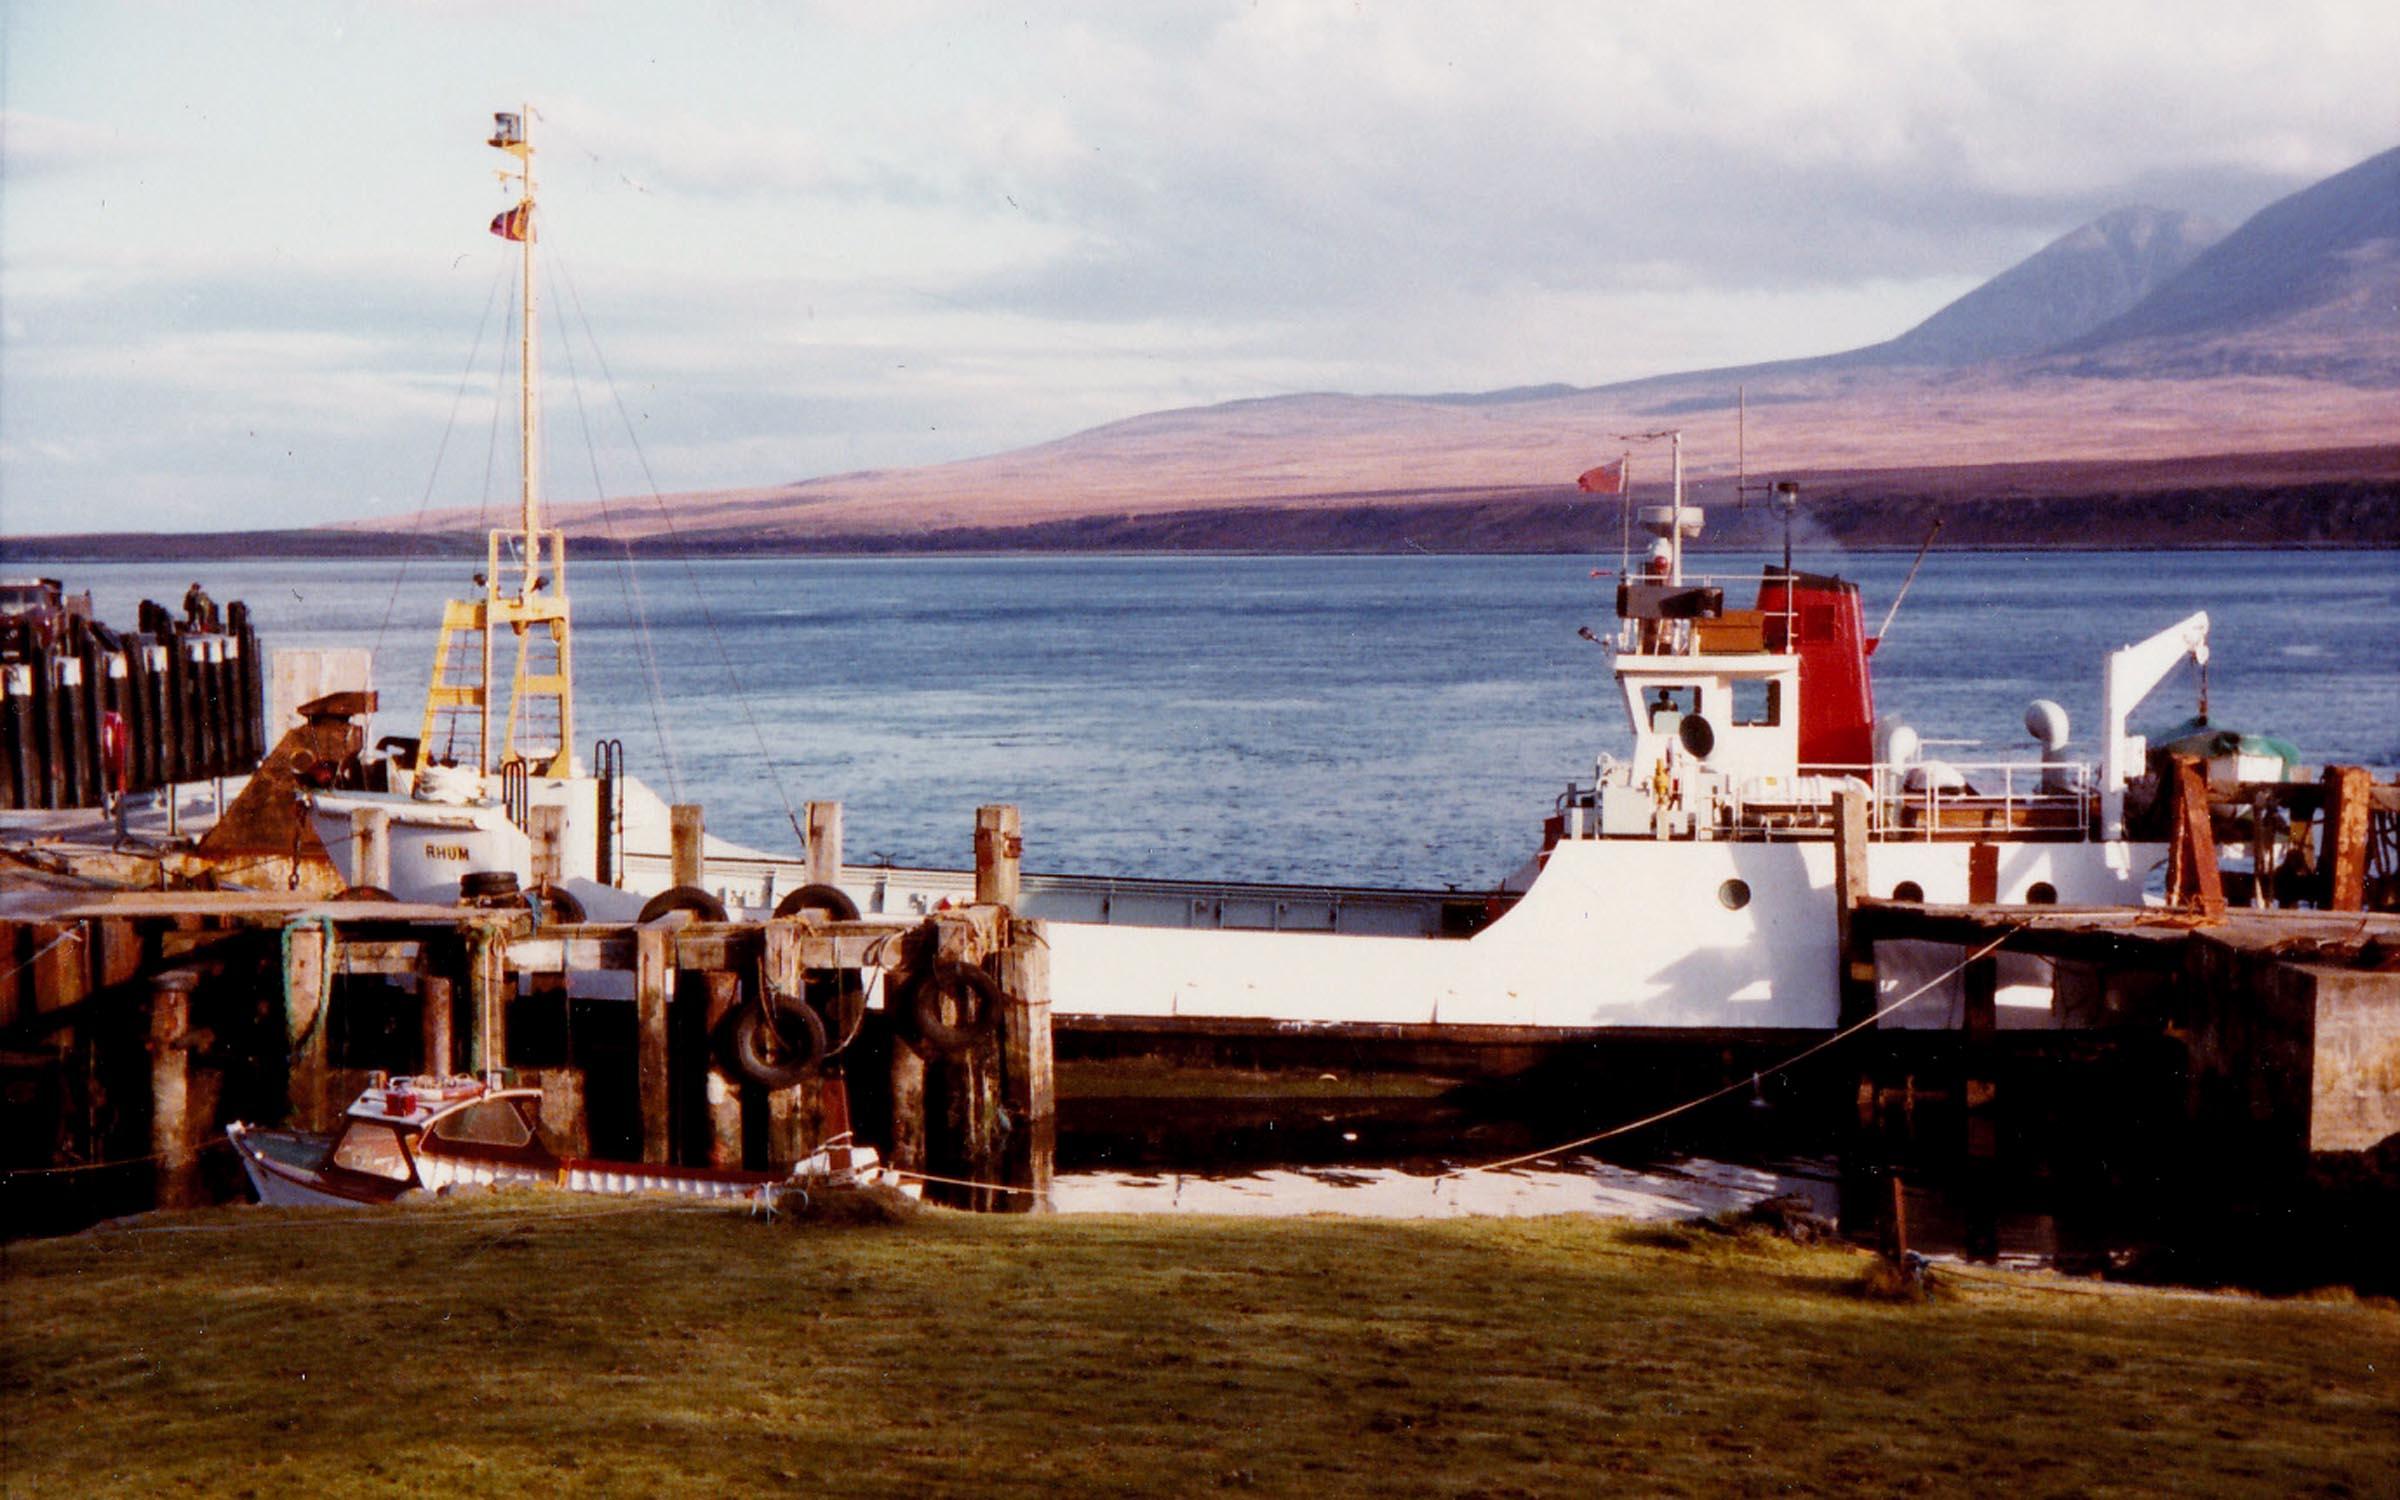 Rhum at Port Askaig (Jim Aikman Smith)